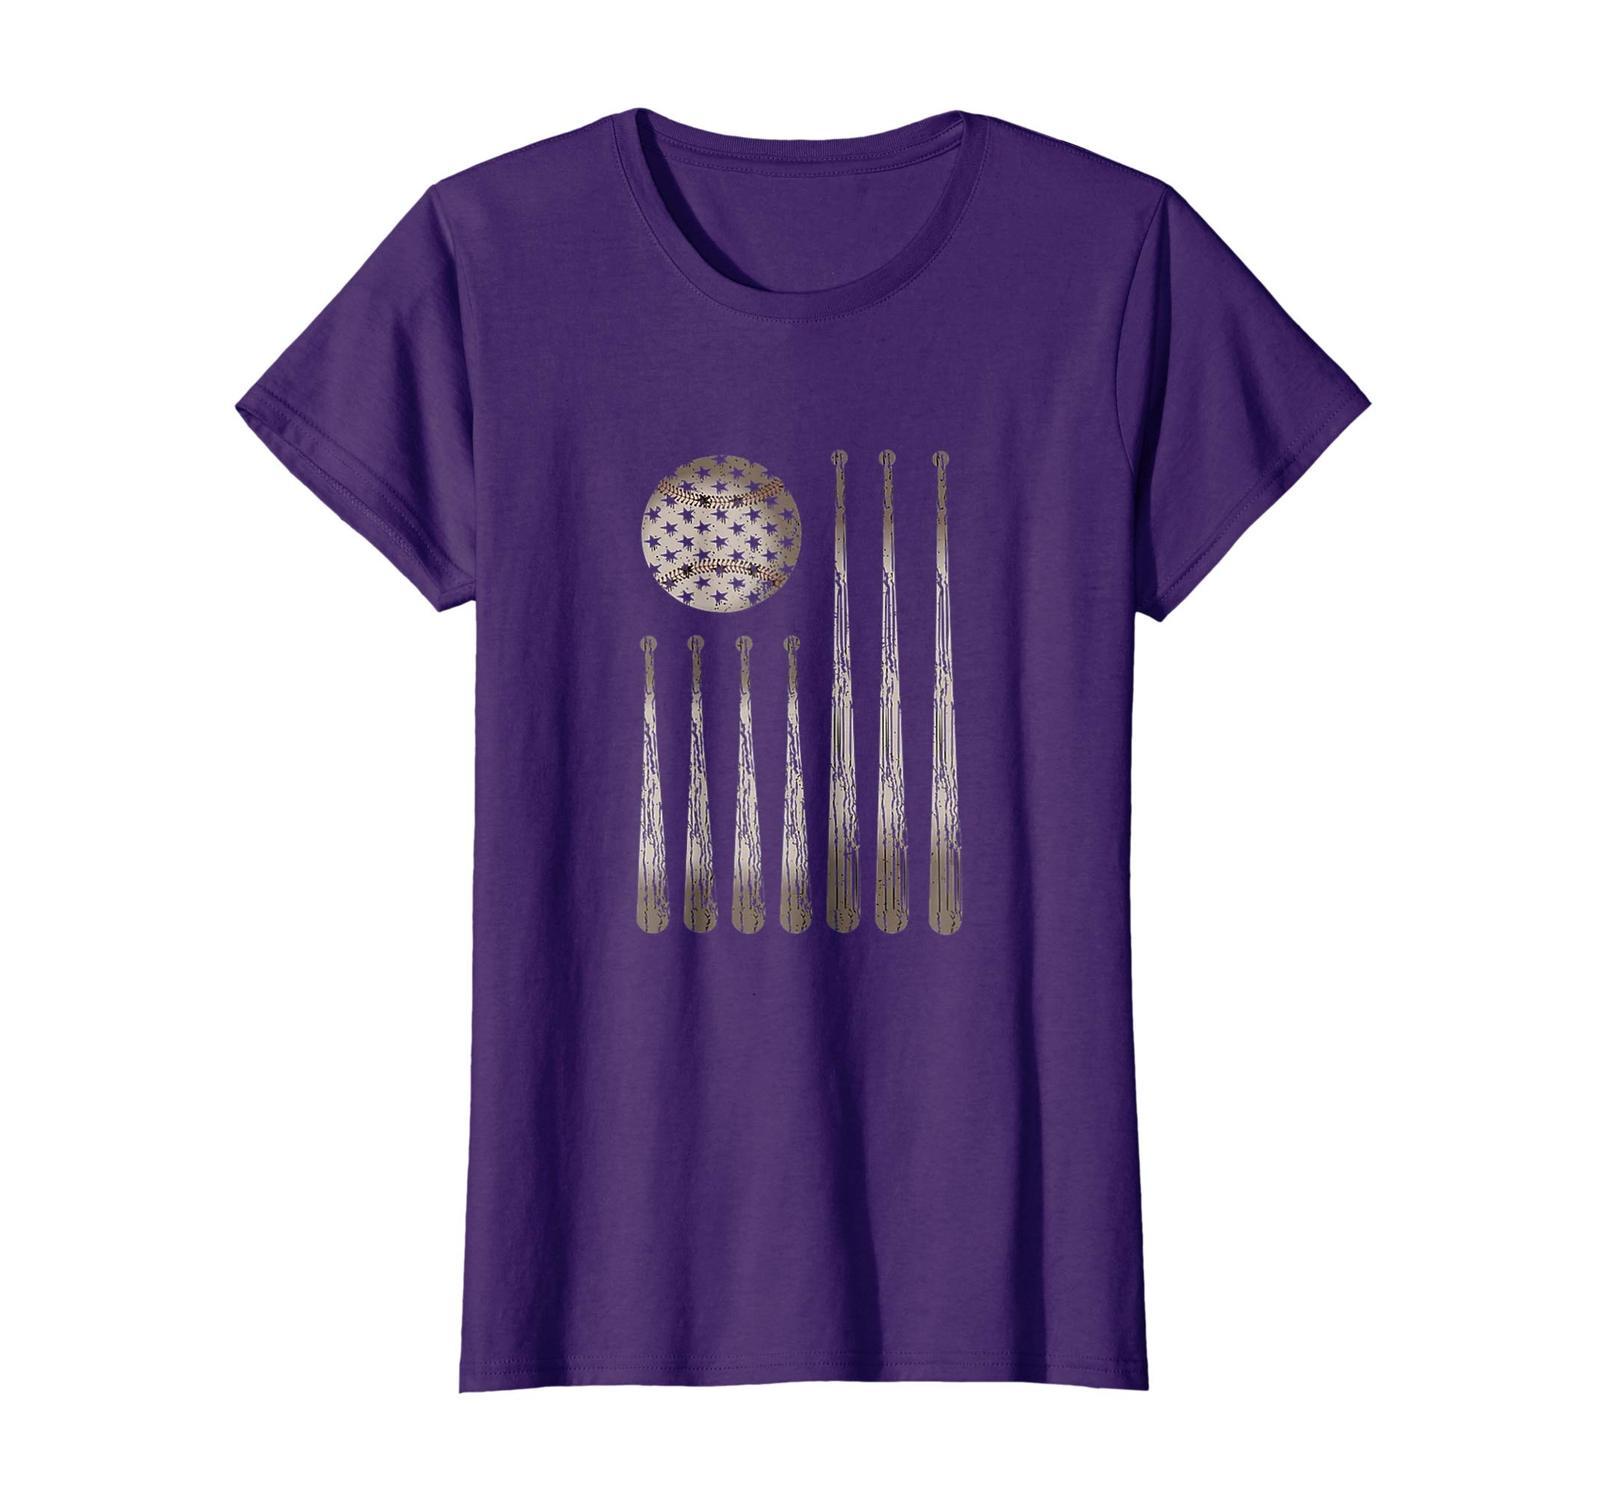 New Shirts - american baseball News usa flag pride shirt gift funny Wowen